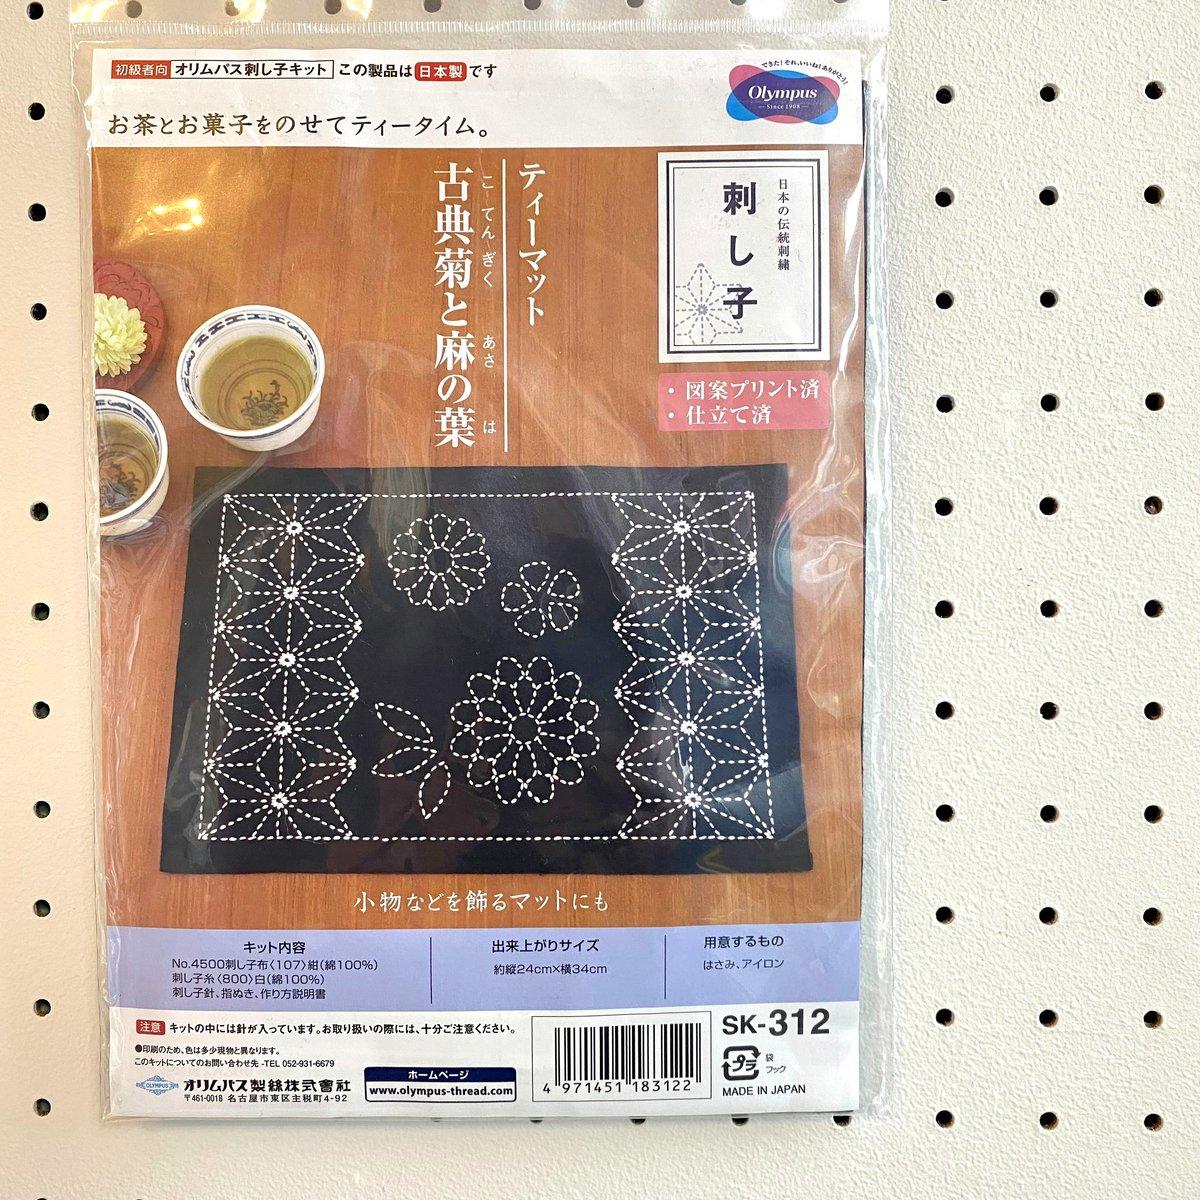 Image of Sashiko Kit Placemat